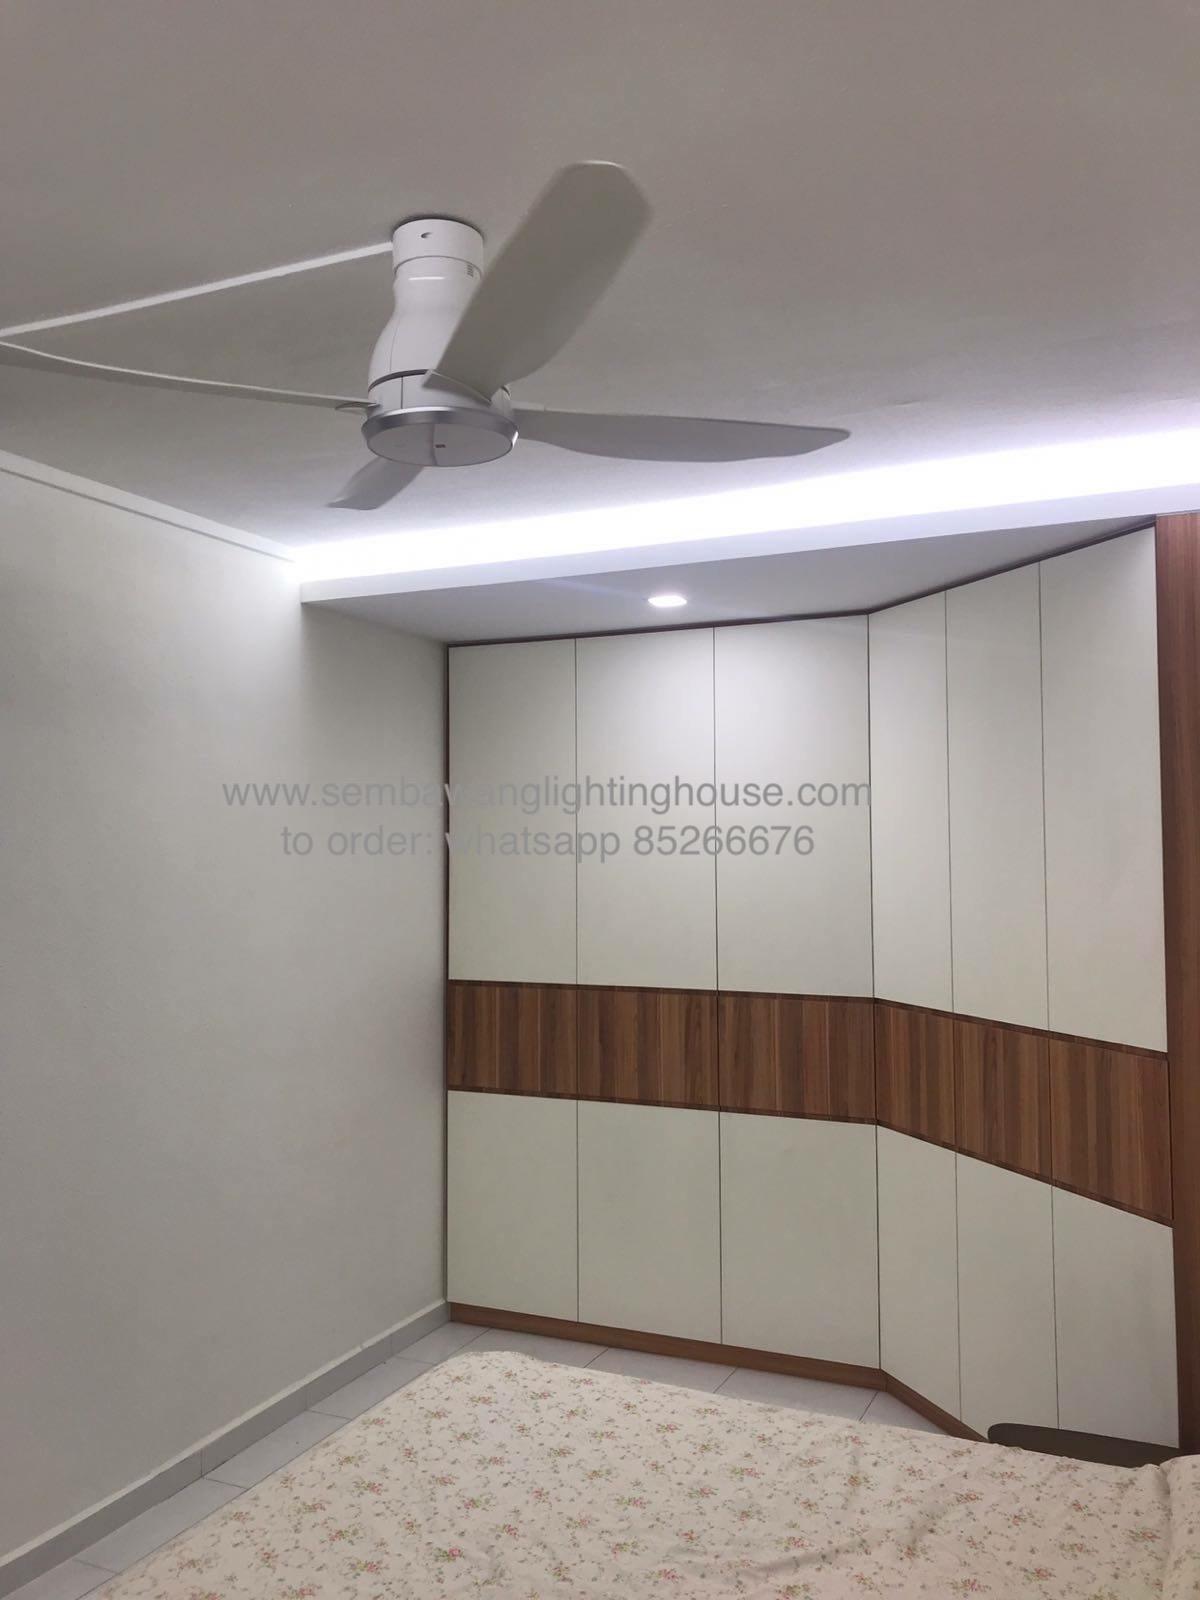 kdk-w56wv-white-ceiling-fan-sembawang-lighting-house-sample-04.jpg